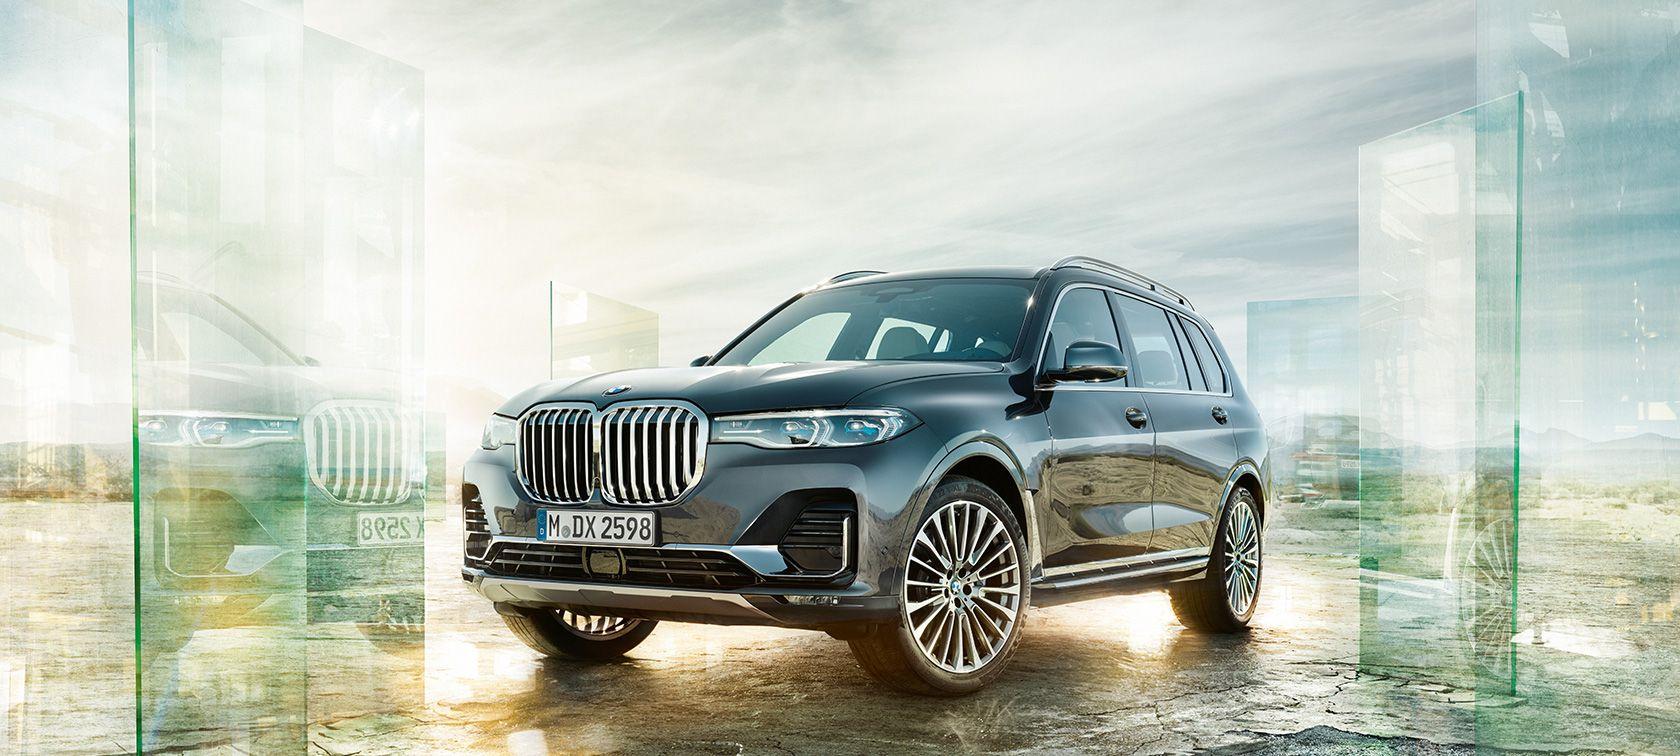 BMWが一部車両に搭載されているパーキングアシスト用車載カメラをドラレコとして使える機能をオンラインで発売